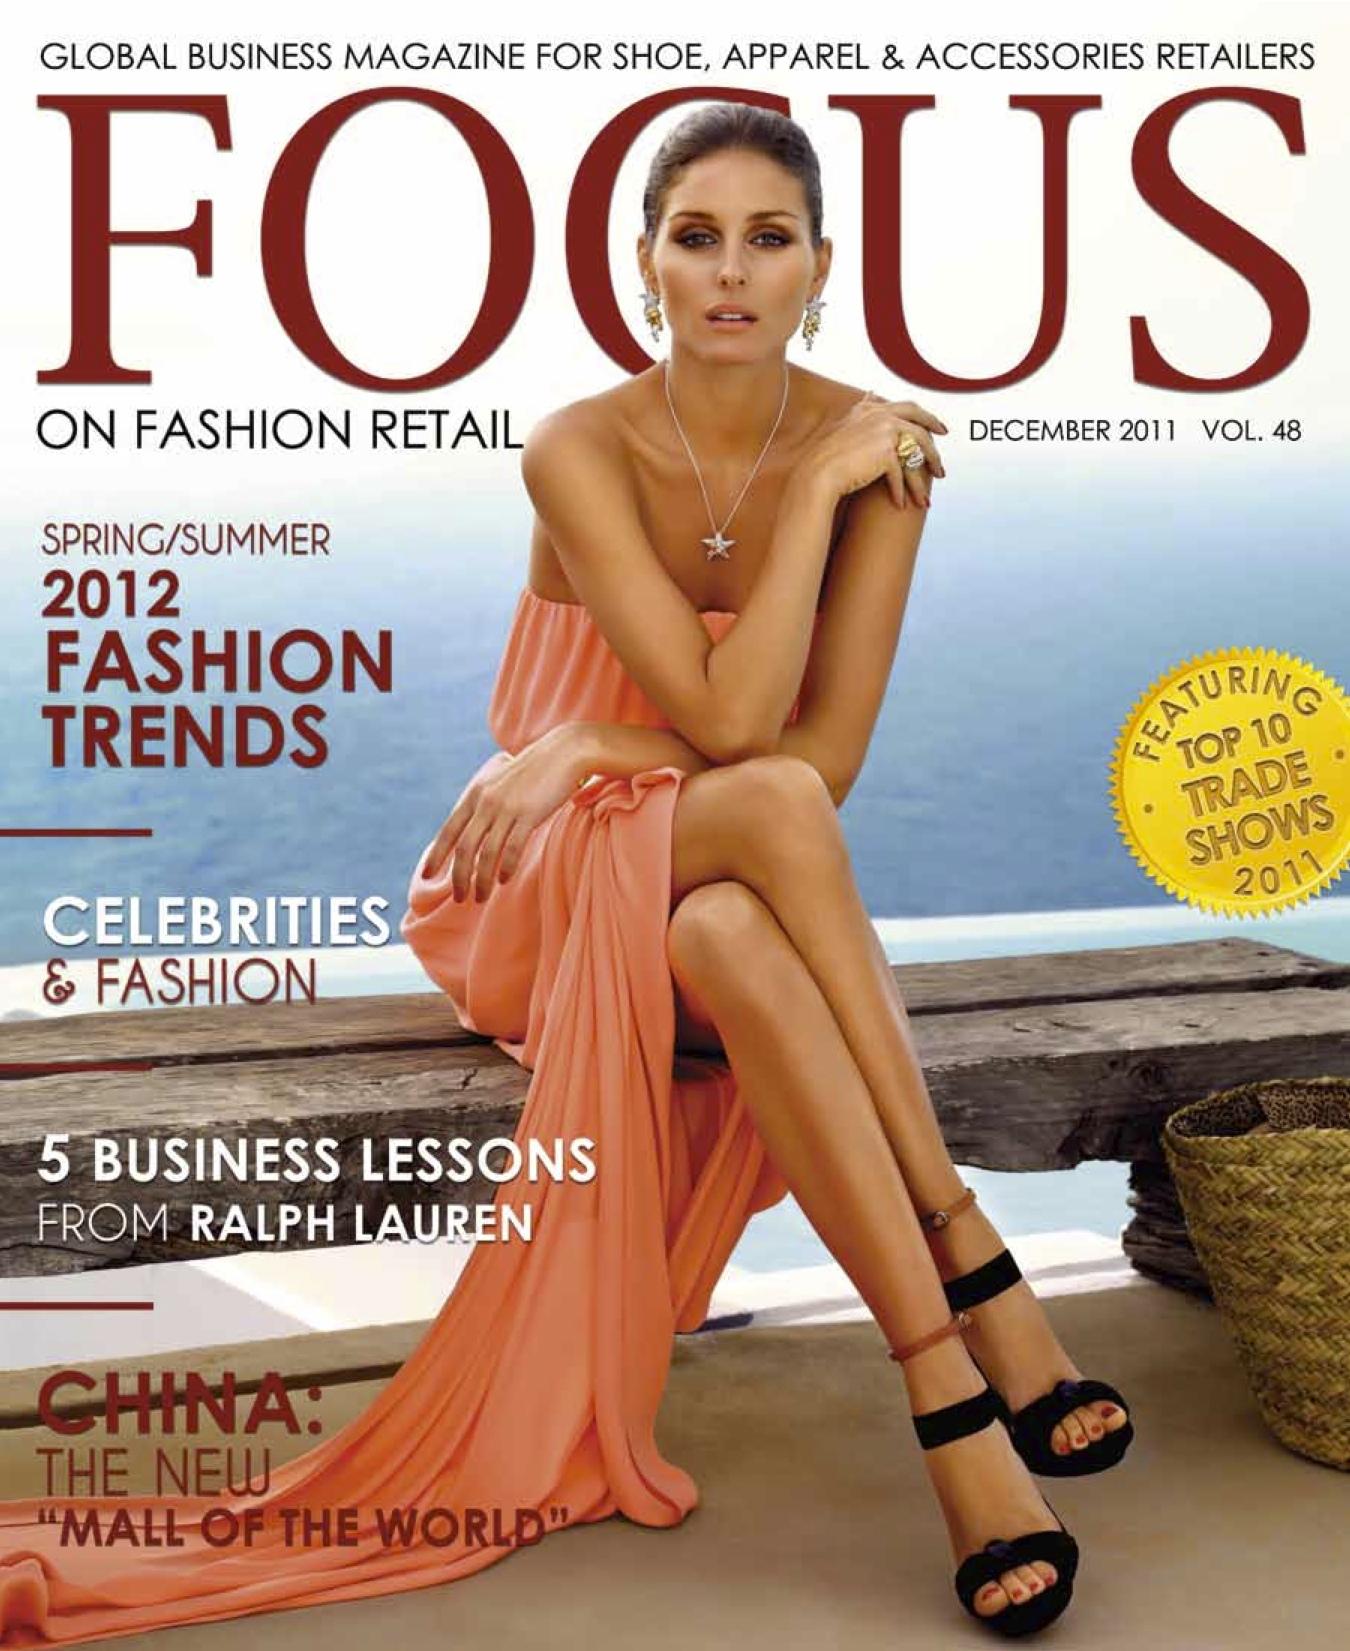 alue-optics-Focus-on-Fashion-Retail-12-11